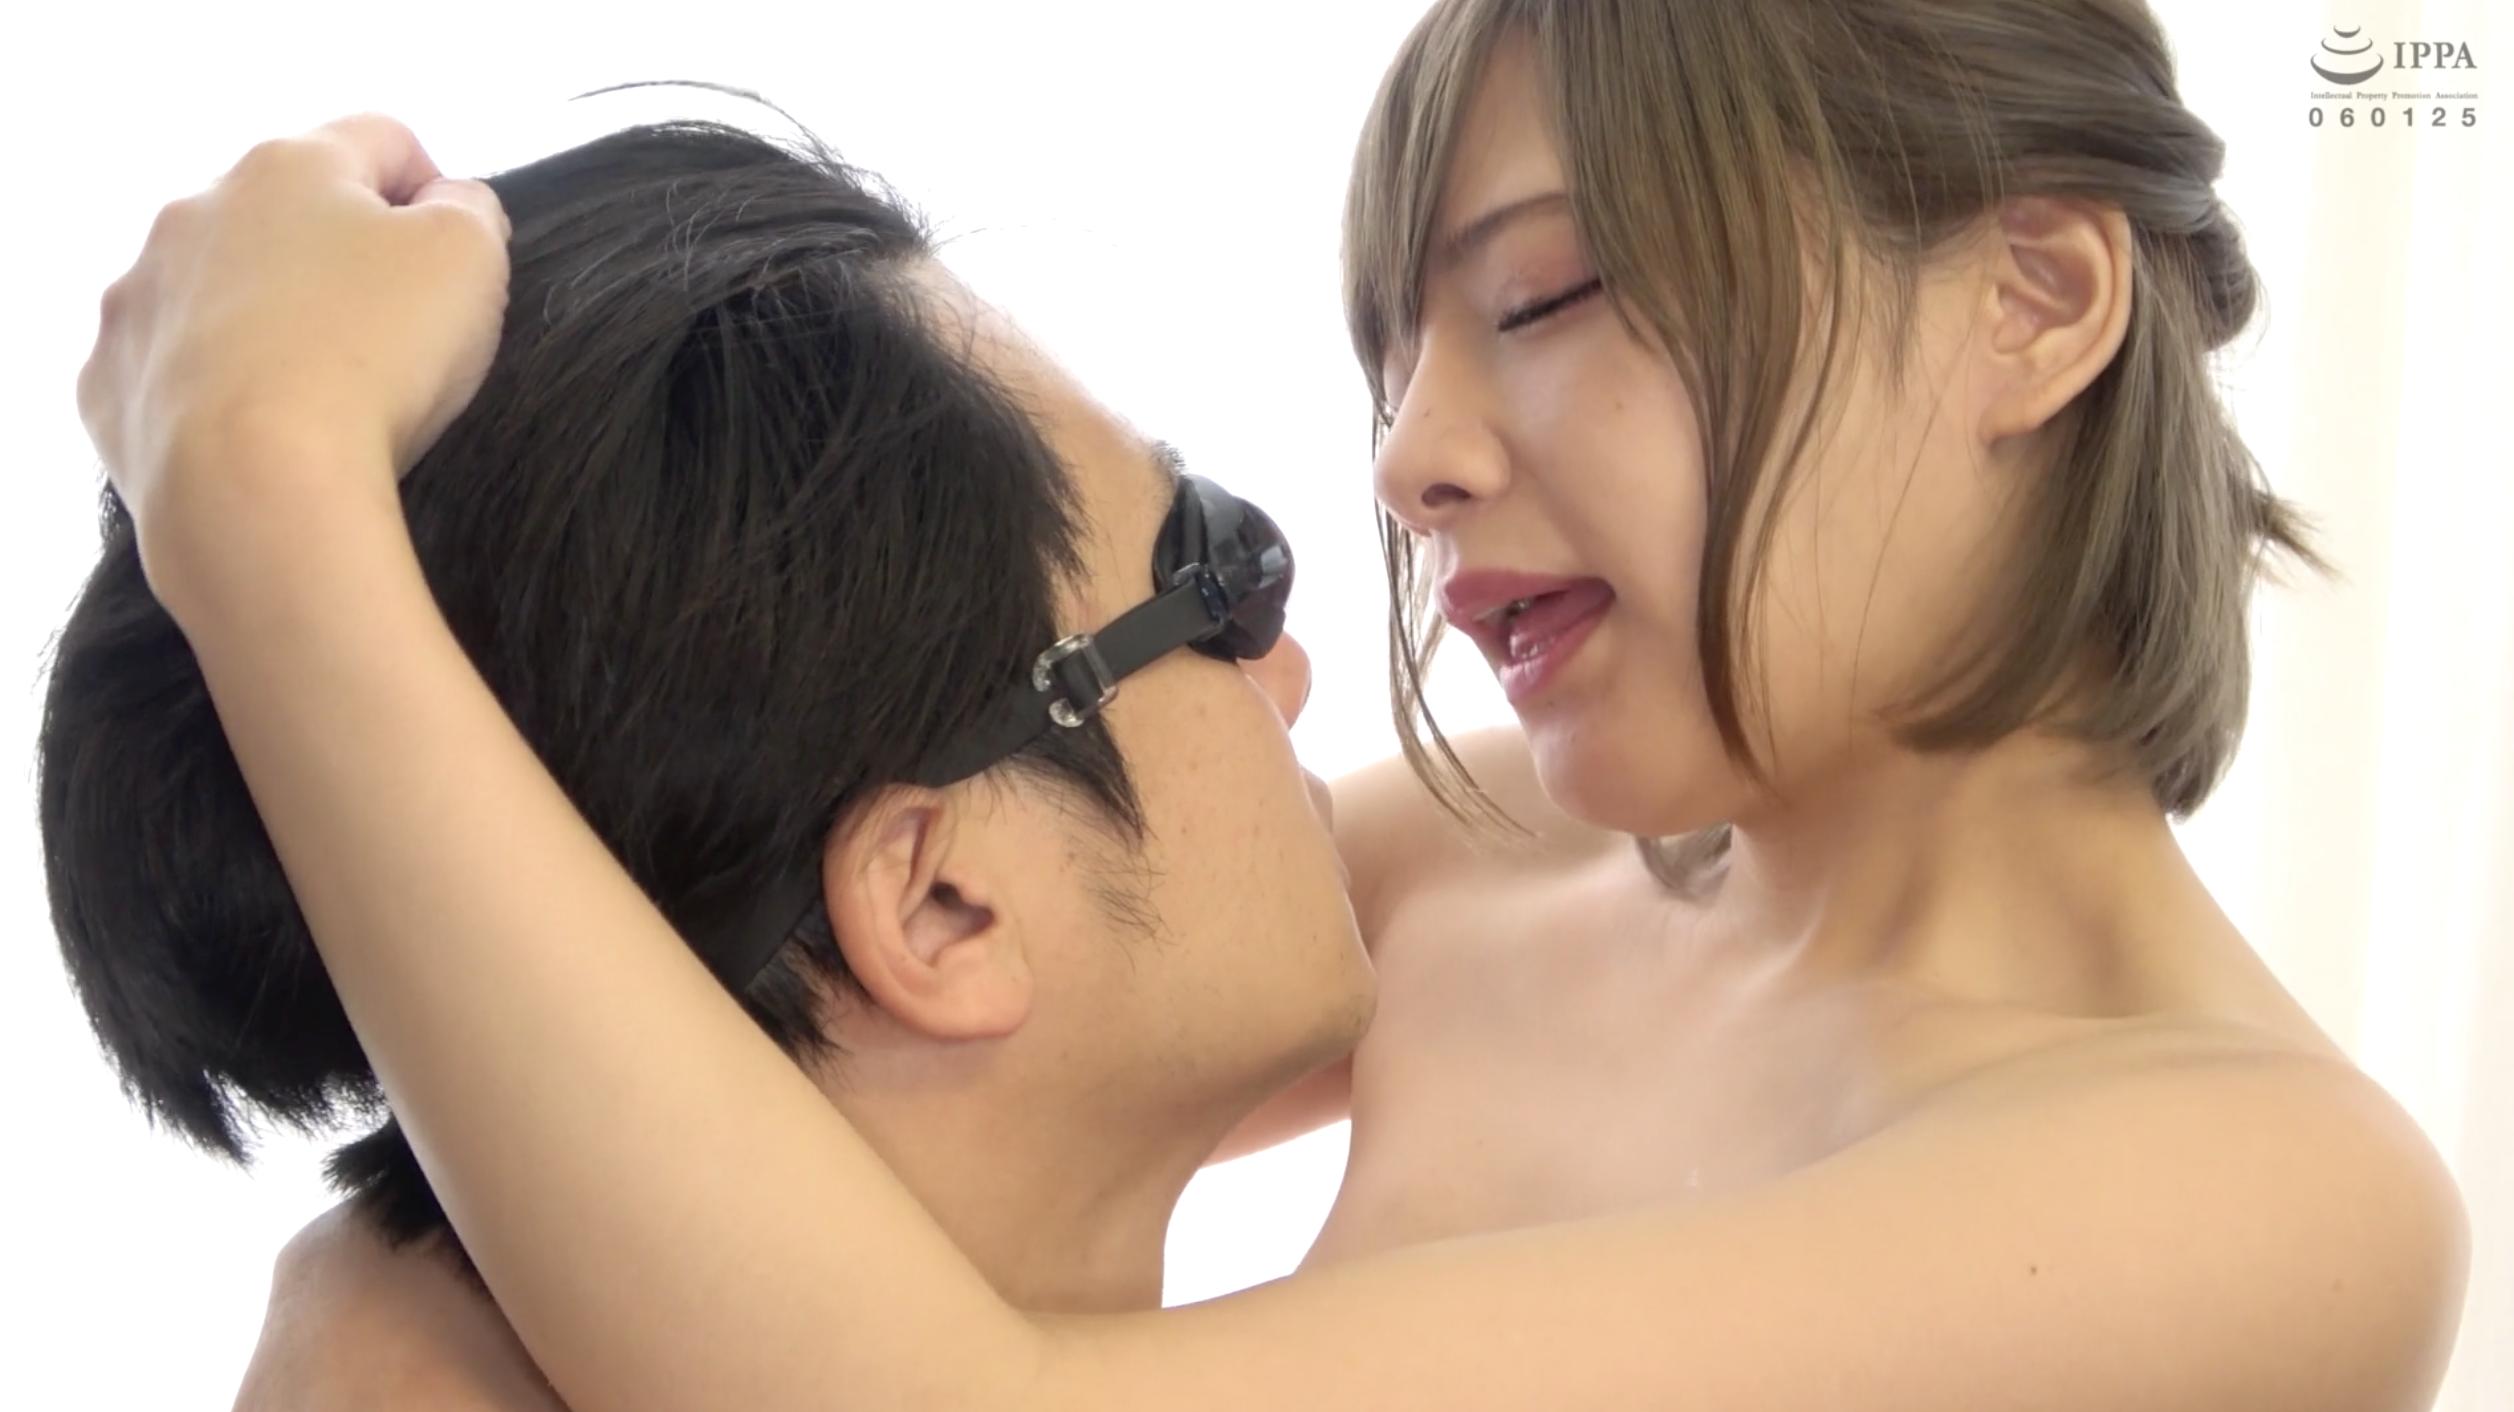 【舌ベロ&唾】大人気女優 一条みおチャンの匂い嗅がせ&鼻舐め&唾たらし!!!(パッケージ画像)